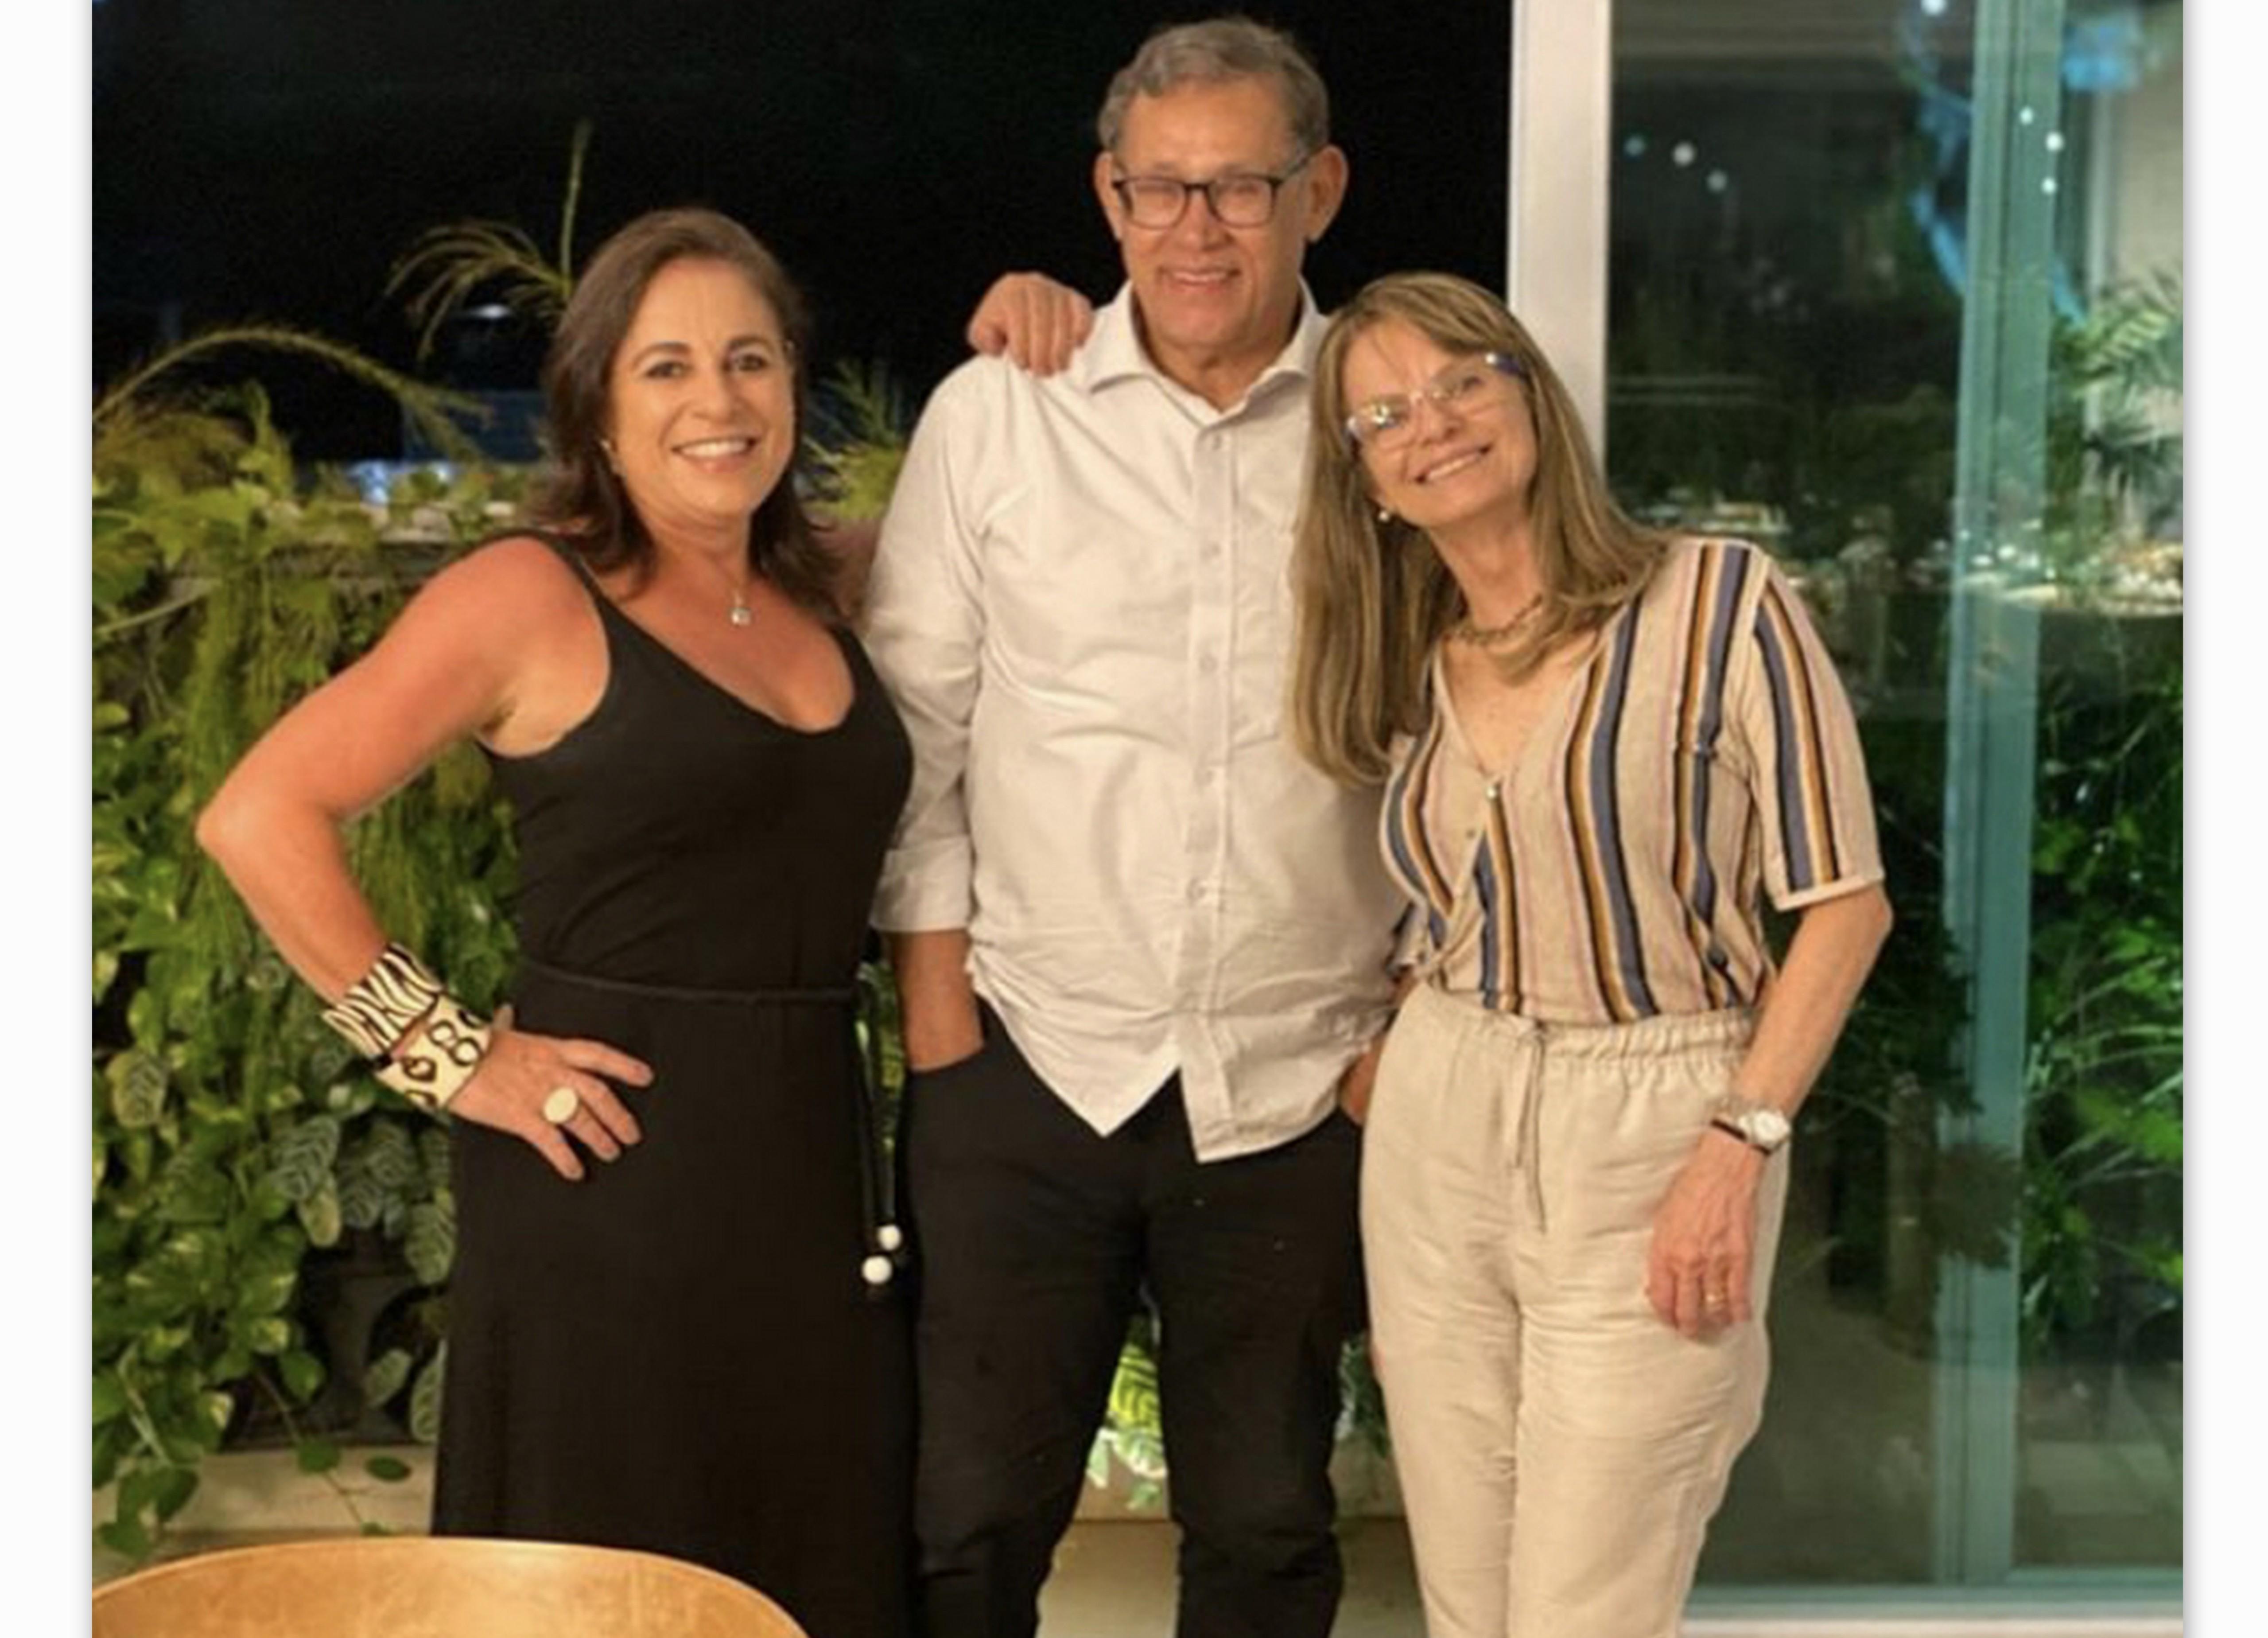 Maria Clara Alban, Dr. Roberto Badaró e Ana Cristina, em jantar intimista.